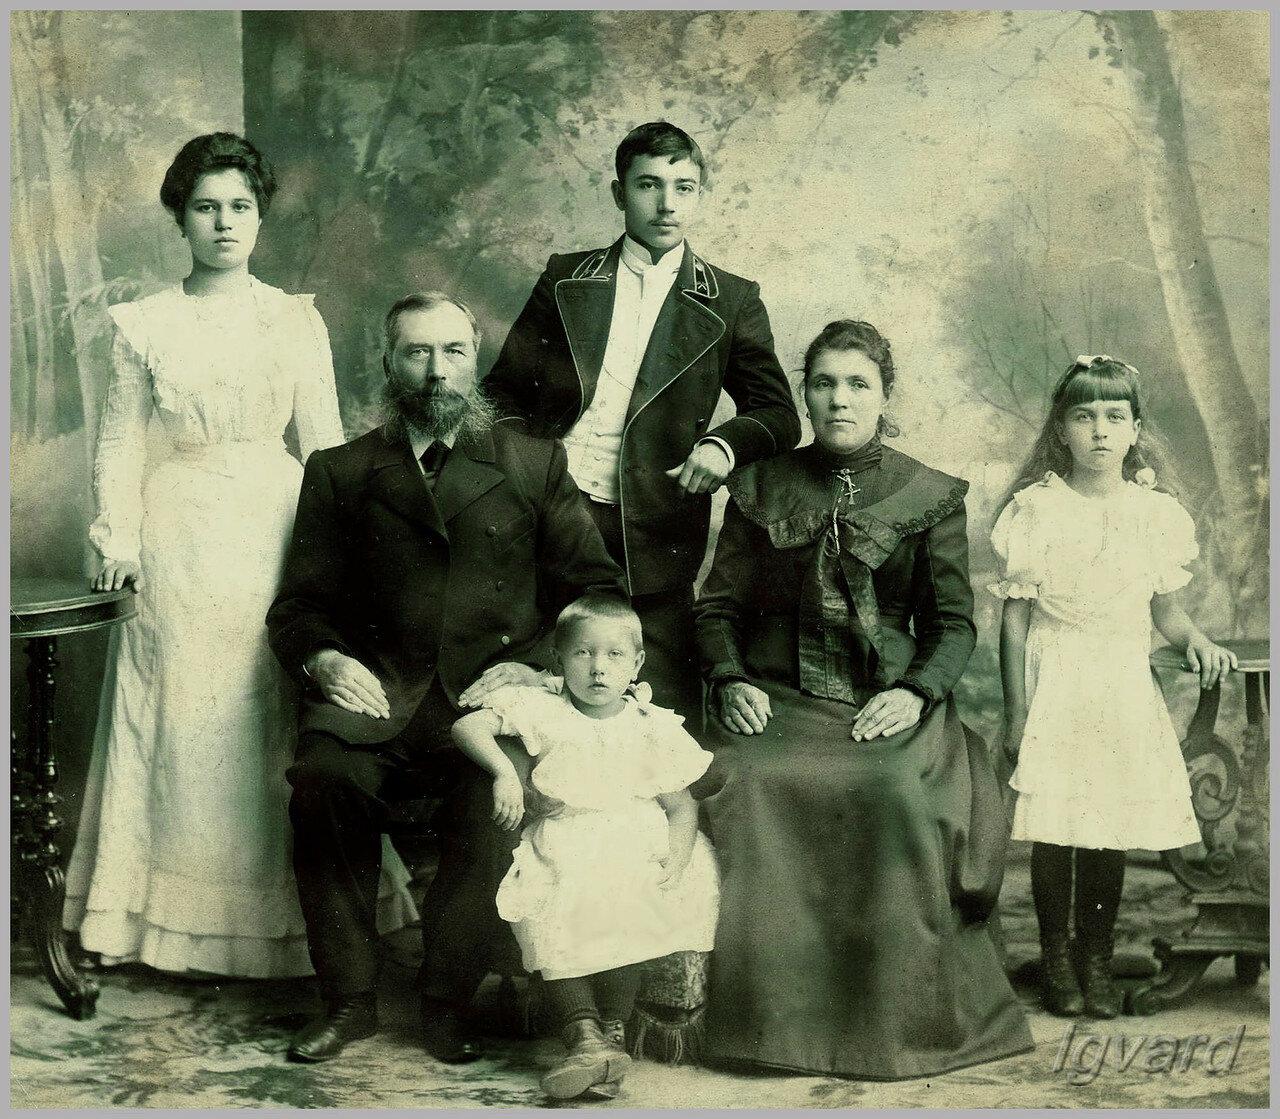 Семья Пятницких. Глава семьи – Николай Павлович Пятницкий, служащий фарфорового завода Кузнецова с женой и детьми. 1901